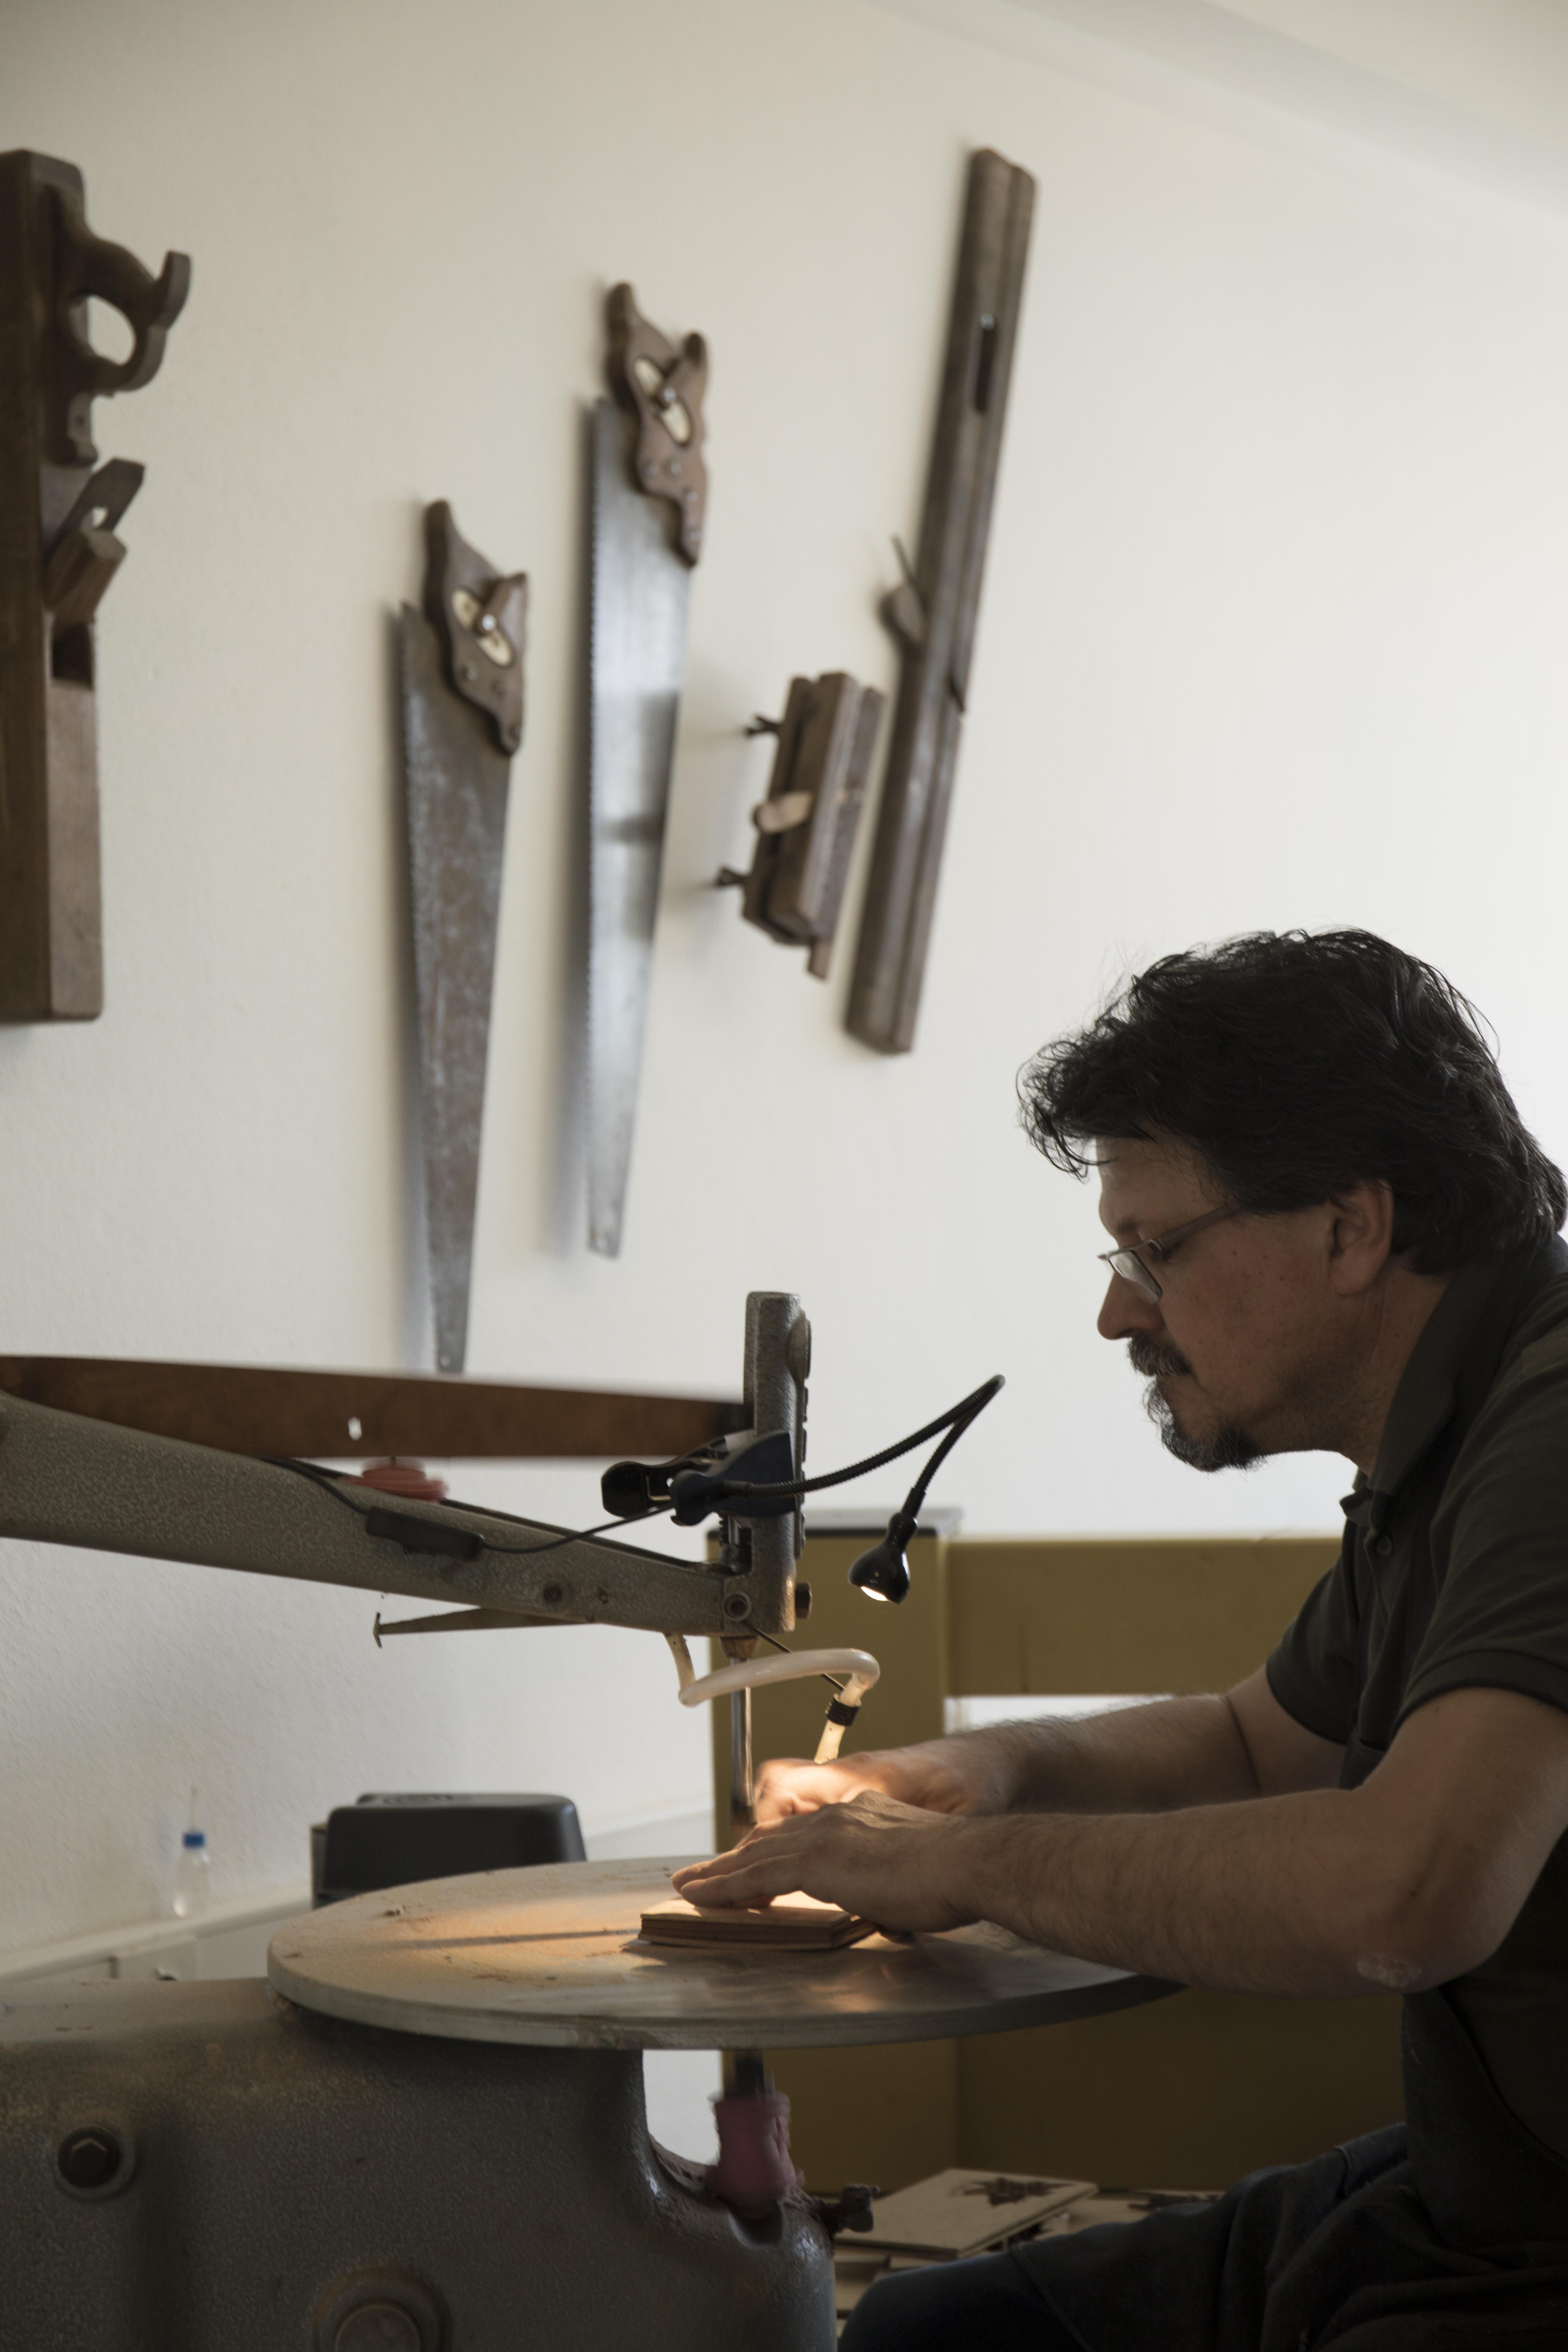 Masterpieces by Project CULTURE - Maison et Objet 2019 - Woodworker marquetry Marquetry Masterpieces by Project CULTURE - Maison et Objet 2019 Masterpieces by Project CULTURE Maison et Objet 2019 Woodworker